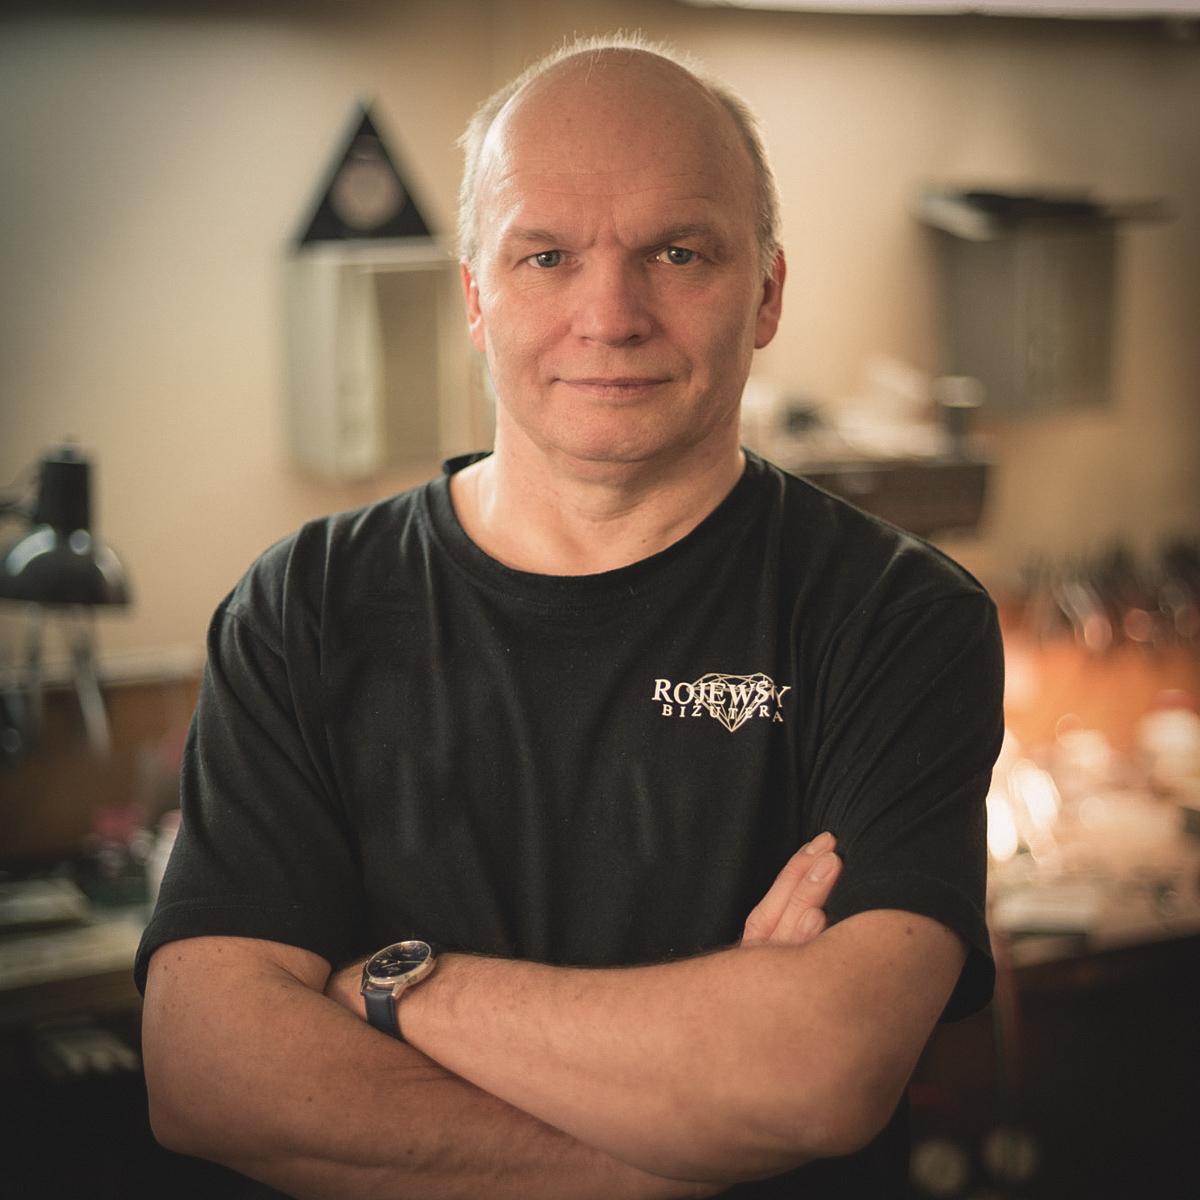 PawełRojewski